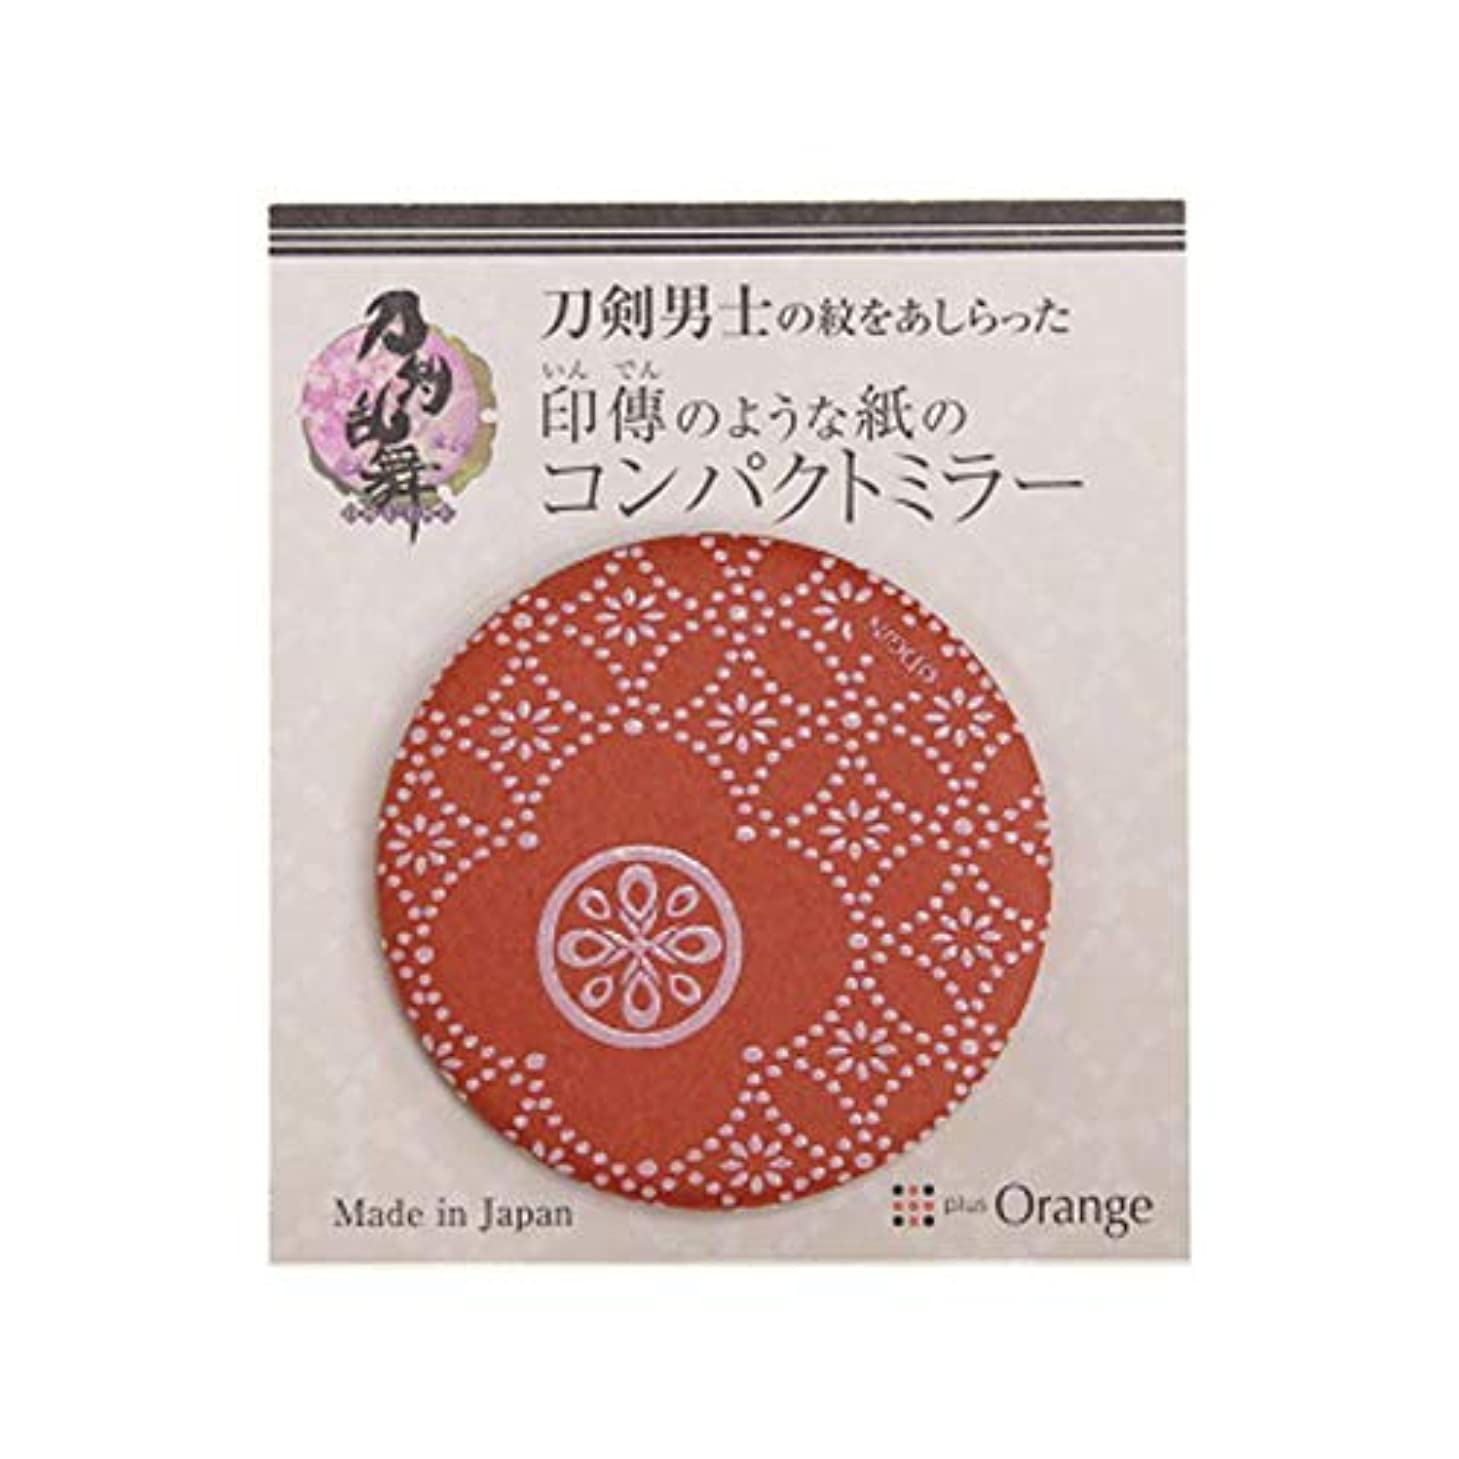 瞑想するオーケストラ顕微鏡プラスオレンジ 刀剣乱舞 コンパクトミラー 印傳のような紙 信濃藤四郎